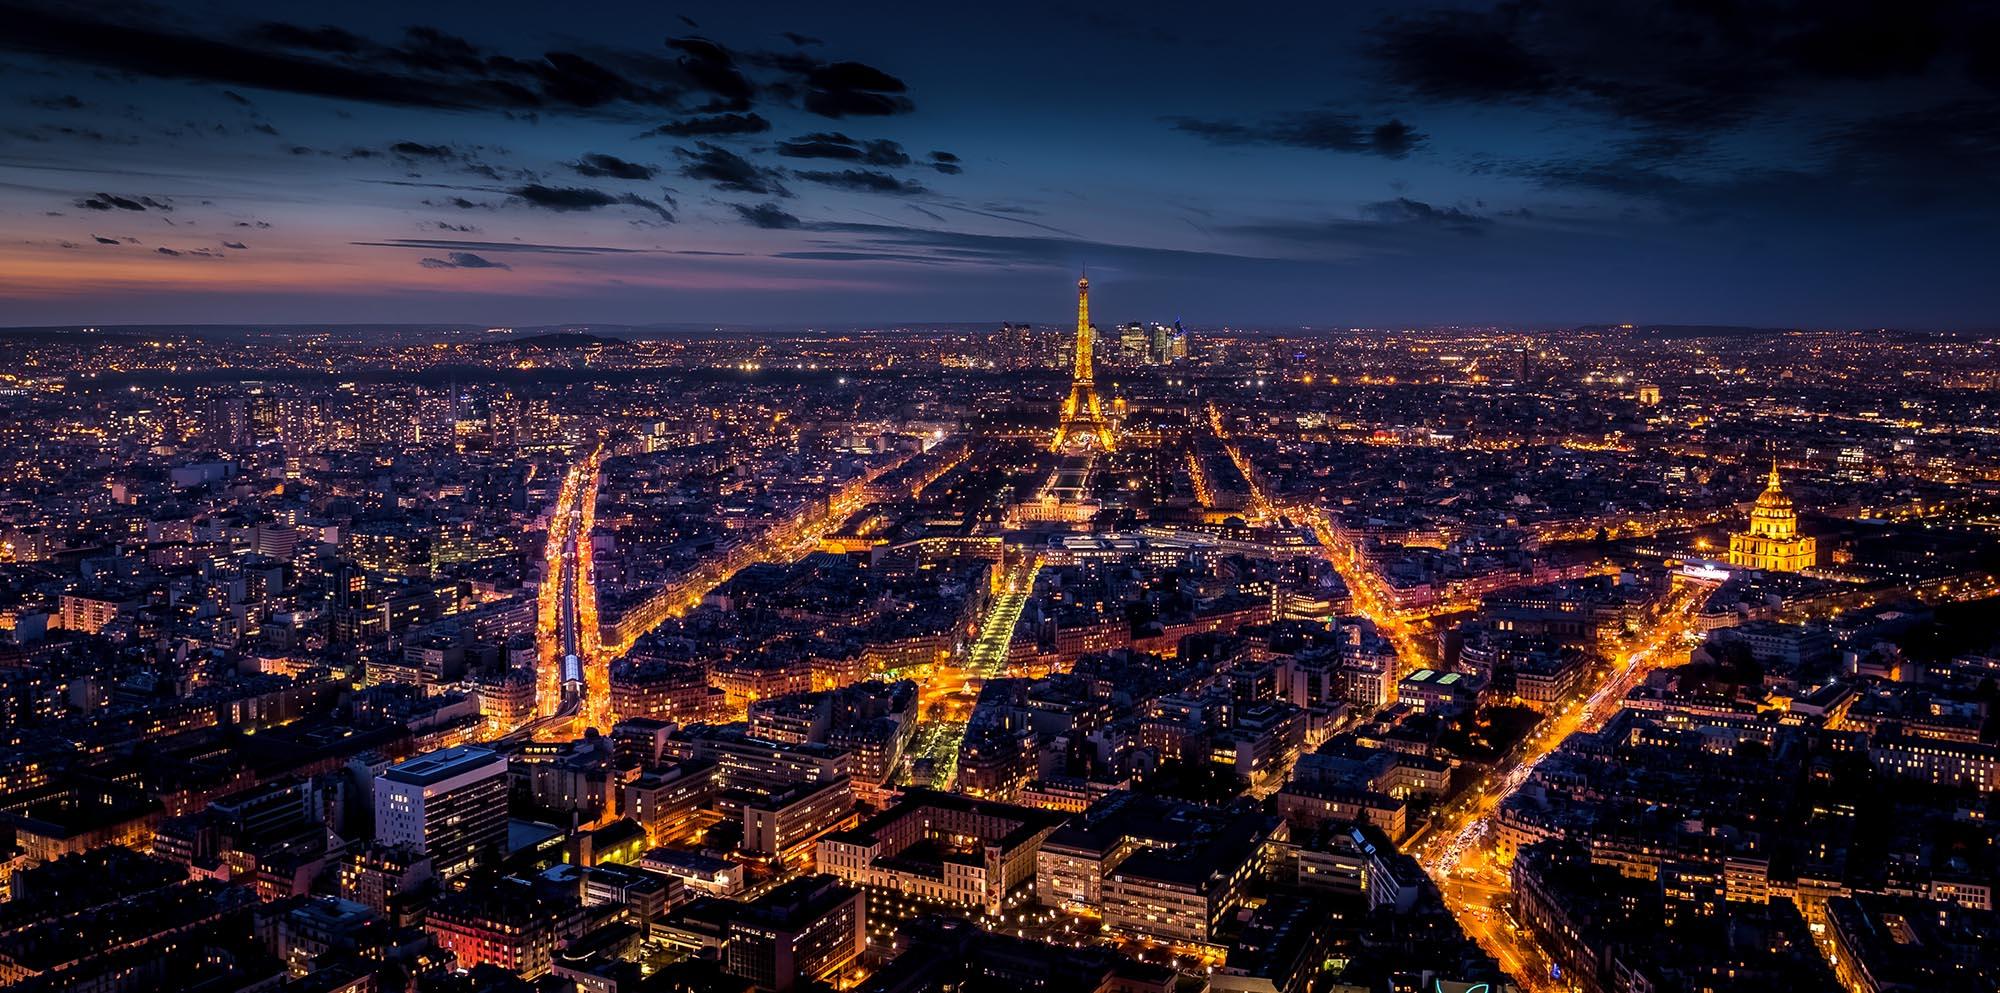 Tour Montparnasse observation deck towards Paris, France